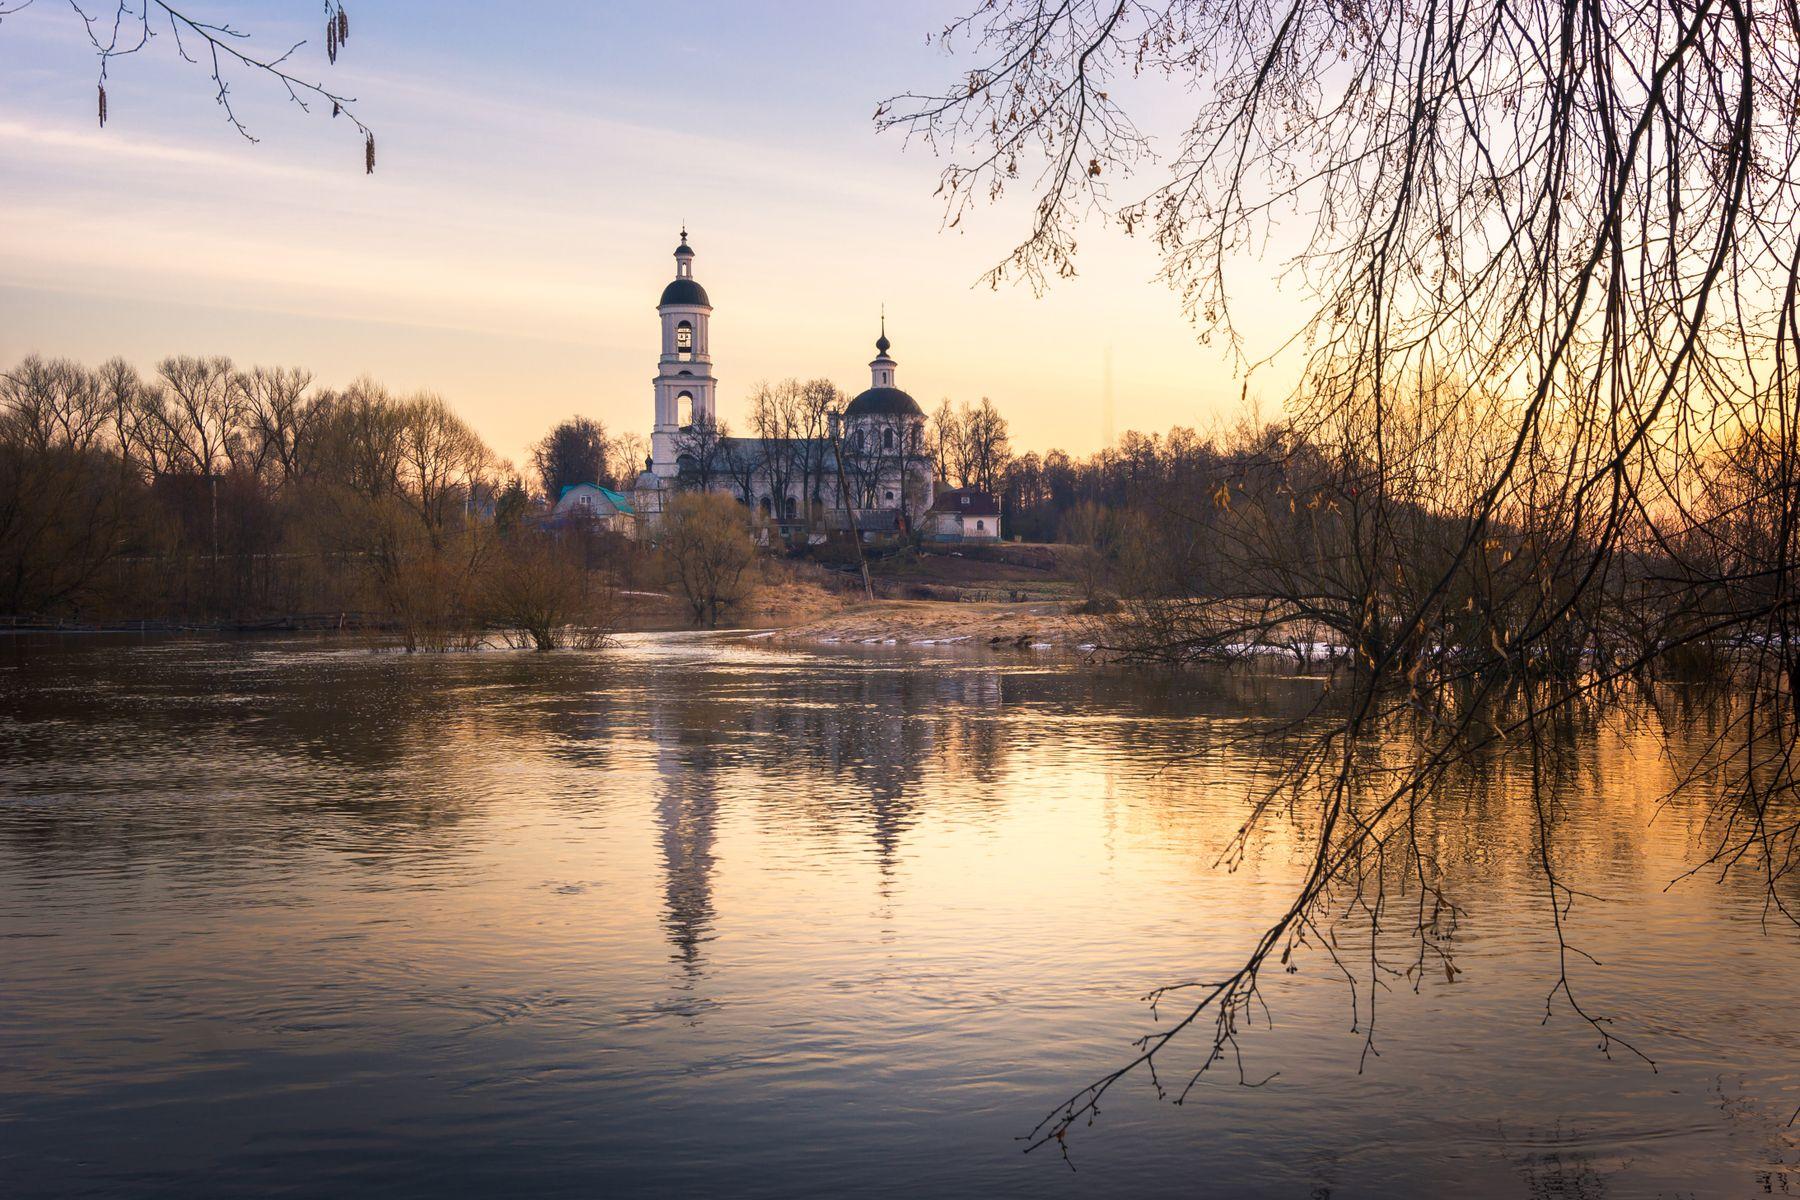 Половодье на р. Шерна рассвет пейзаж река утро весна заря